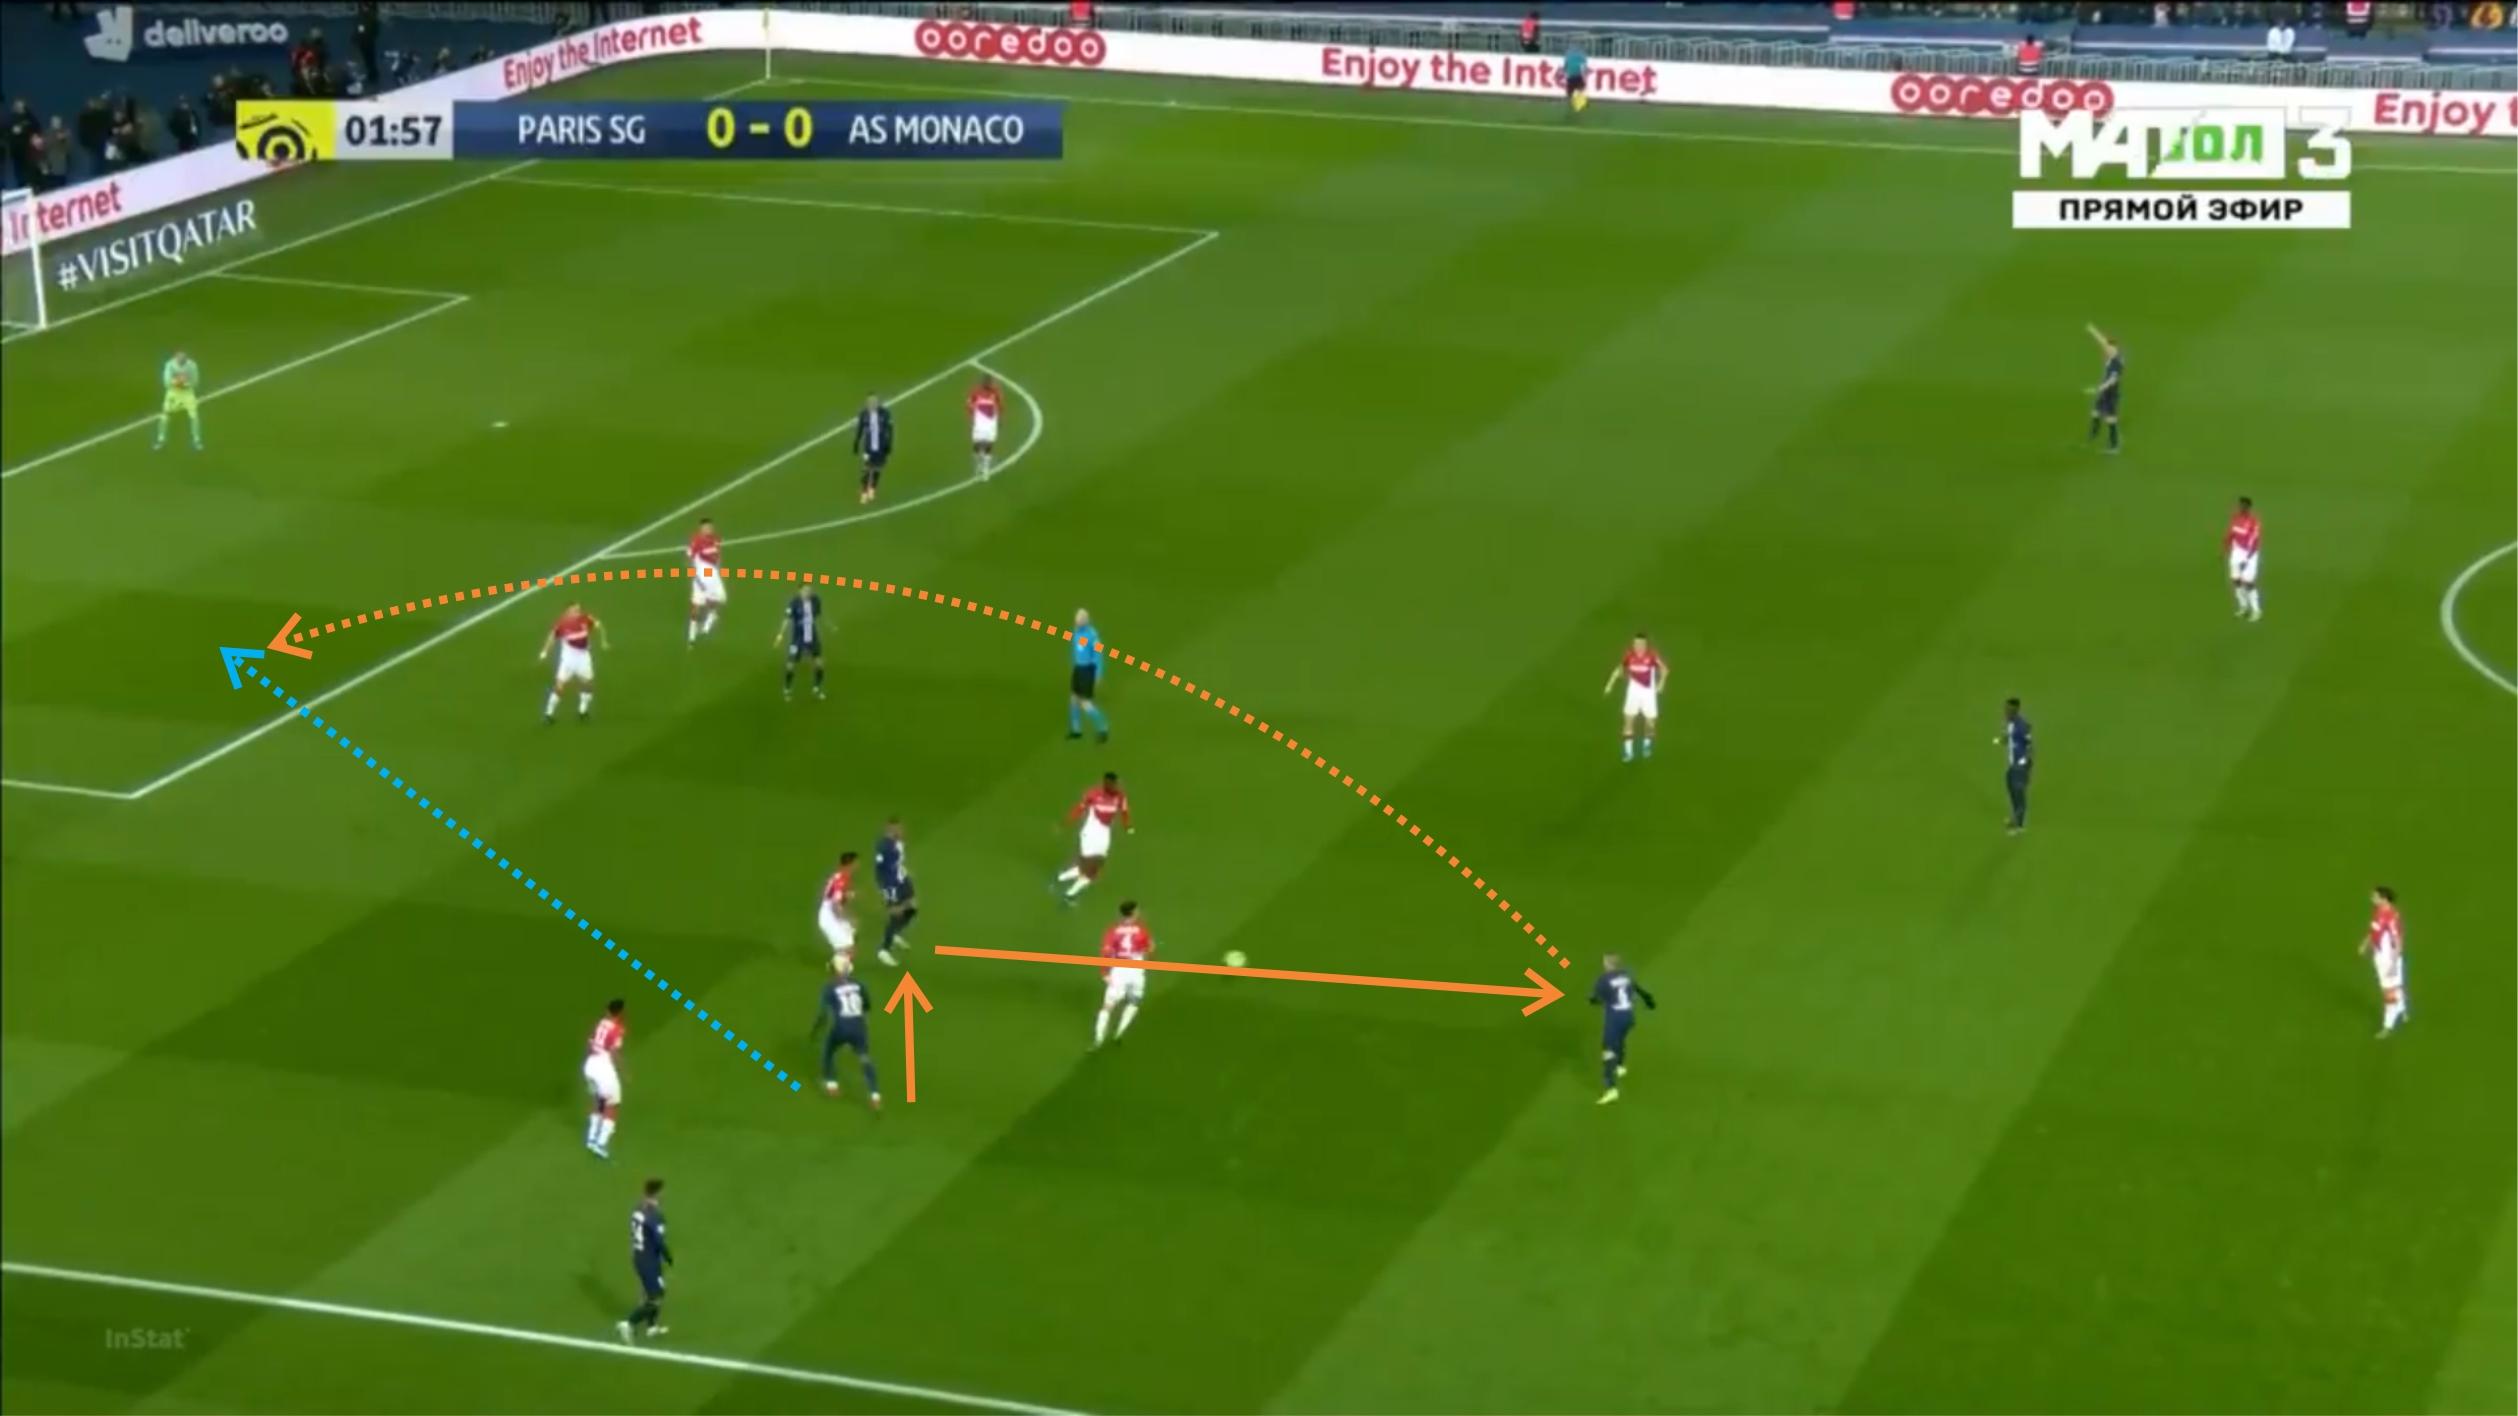 Ligue 1 2019/20: Paris Saint-Germain vs Monaco - tactical ...